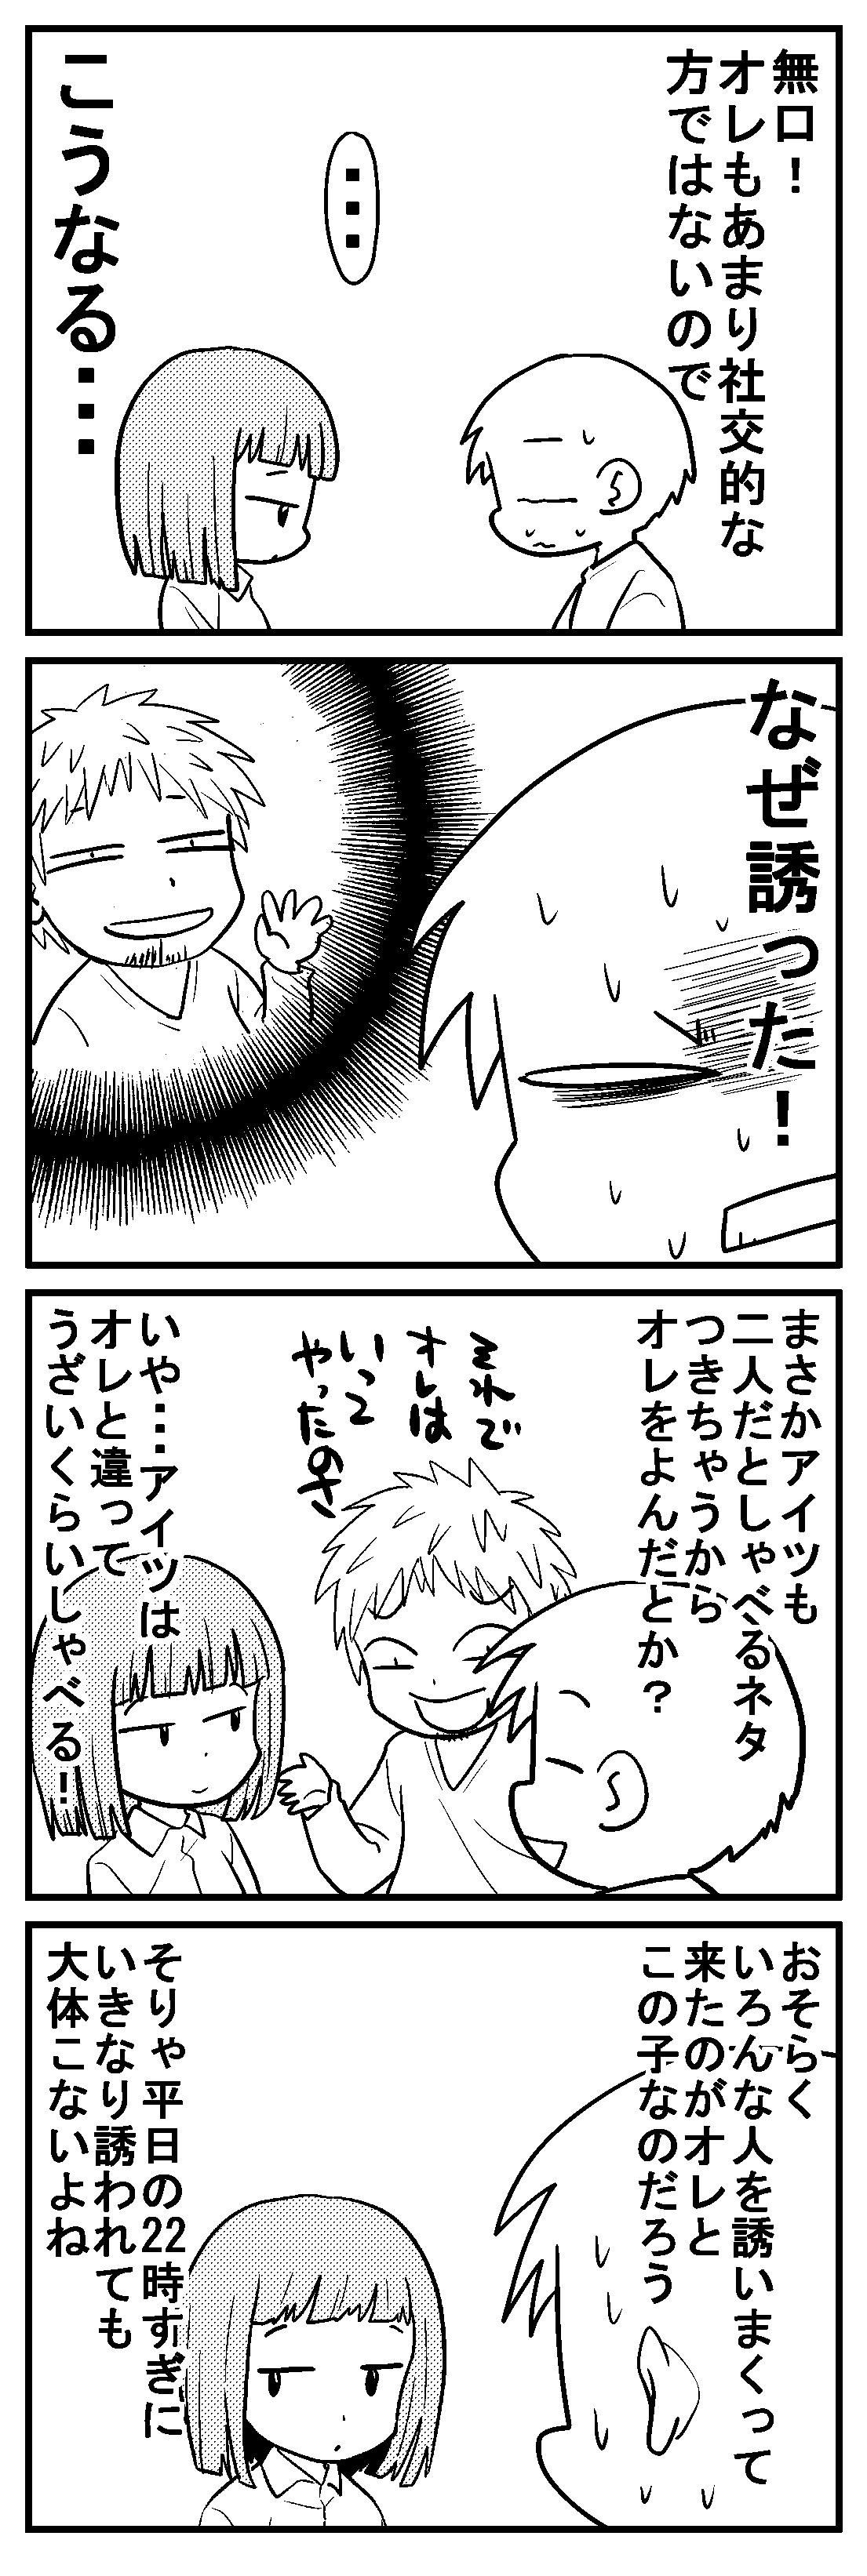 深読みくん24②